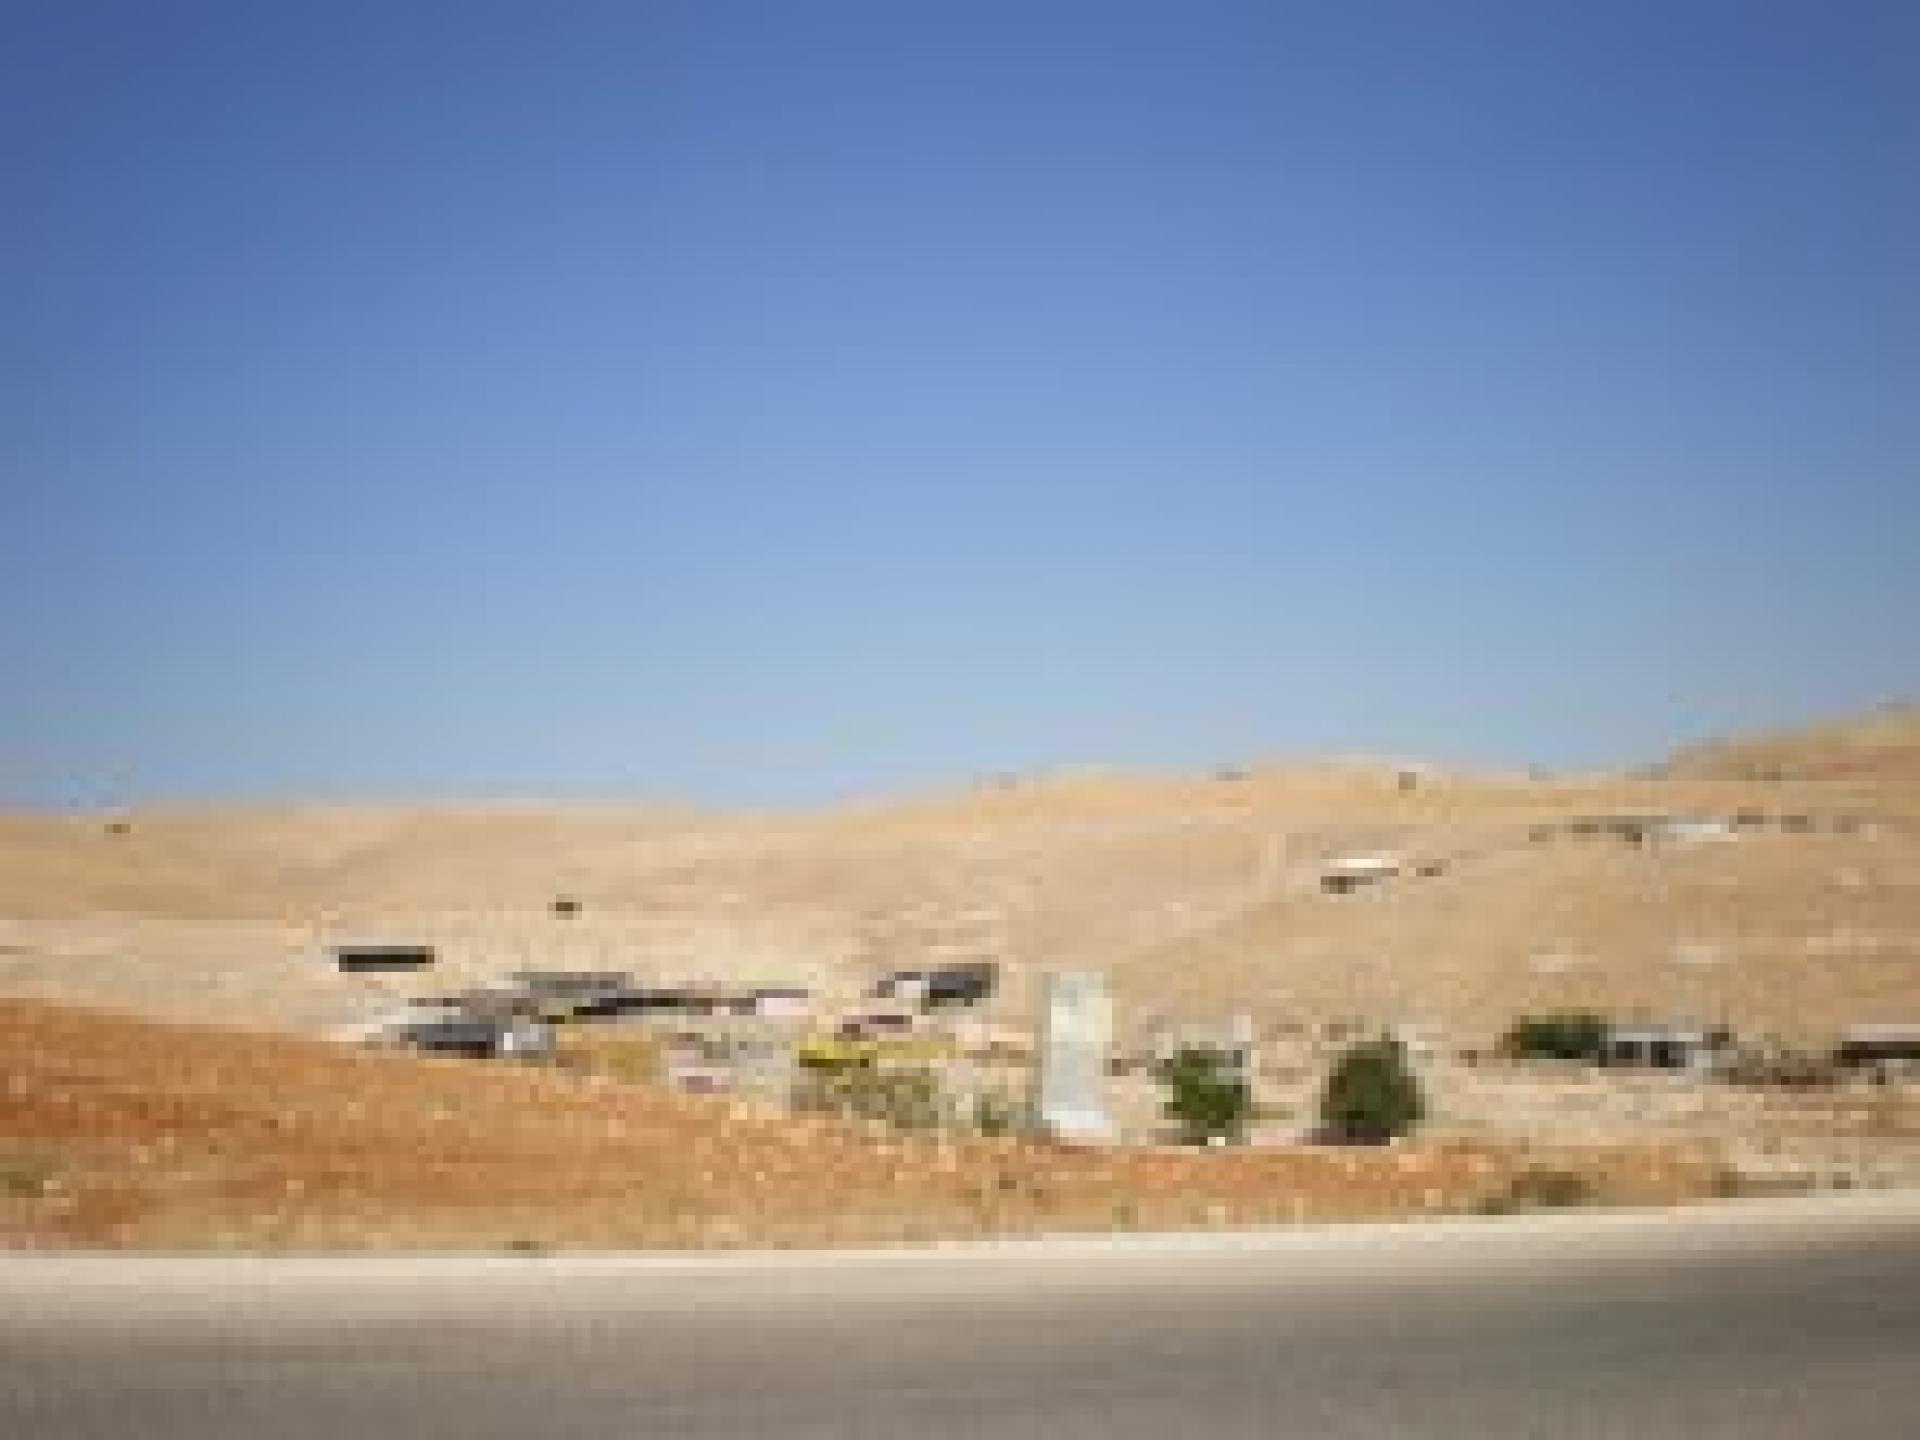 Jordan Valley 18.06.09